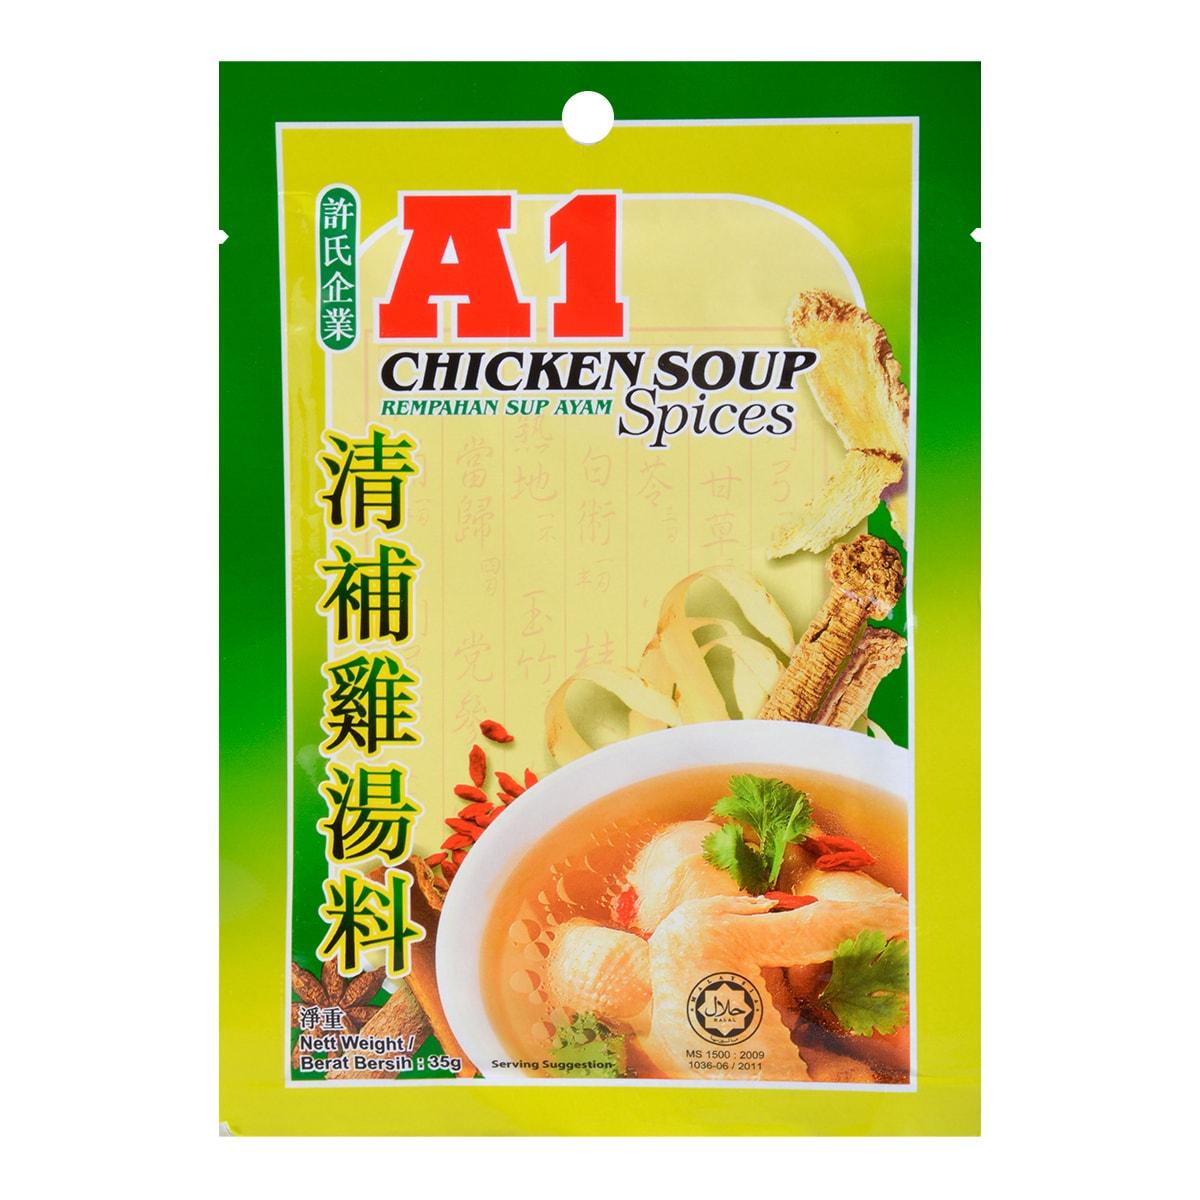 马来西亚A1 清补鸡汤药膳汤料 35g